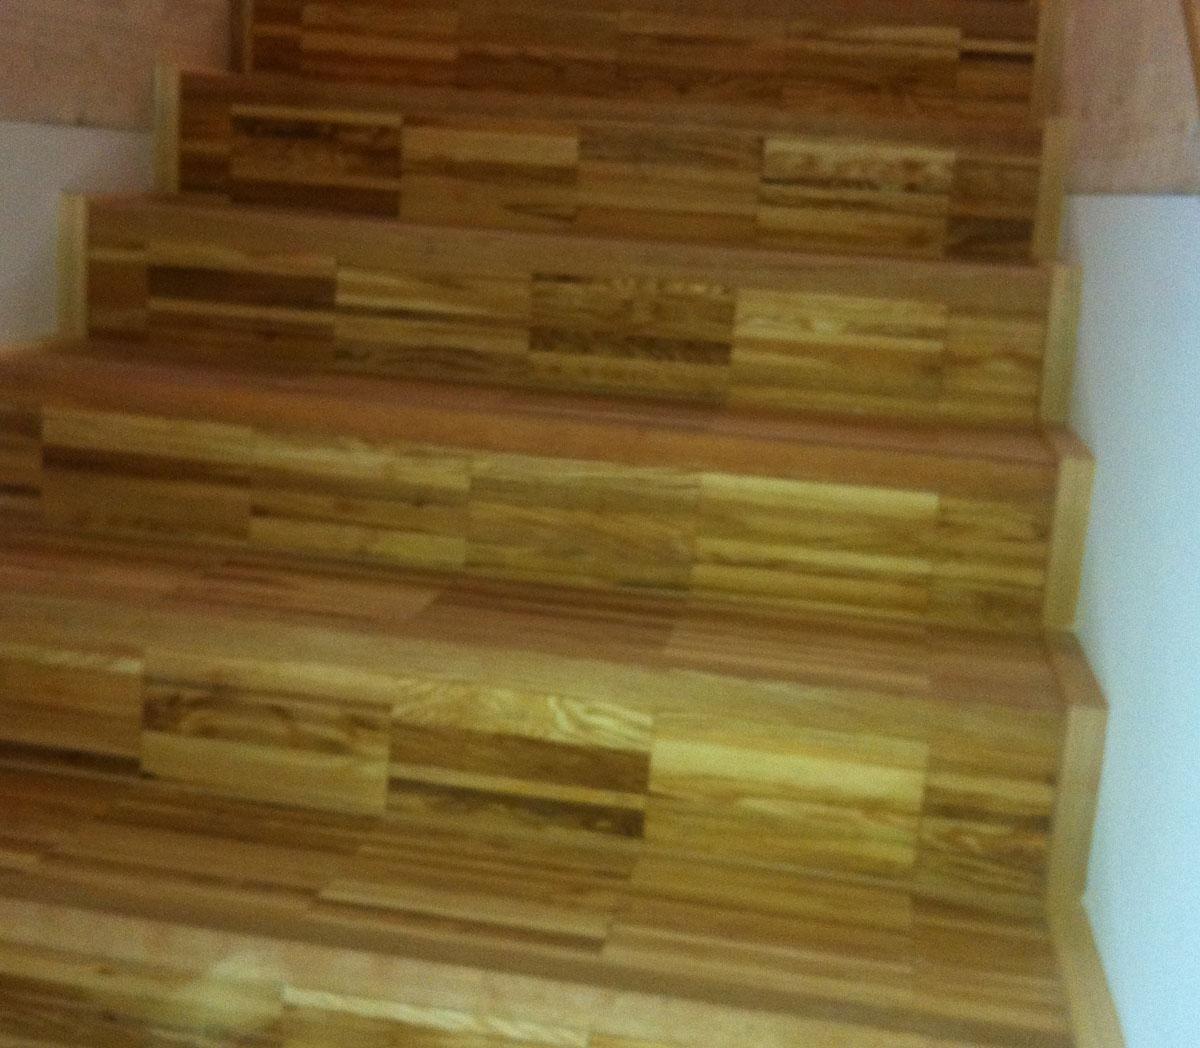 Ferrer floors ag - Parkett in Basel Reinach Bodenbeläge Linoleum PVC Kautschuk…